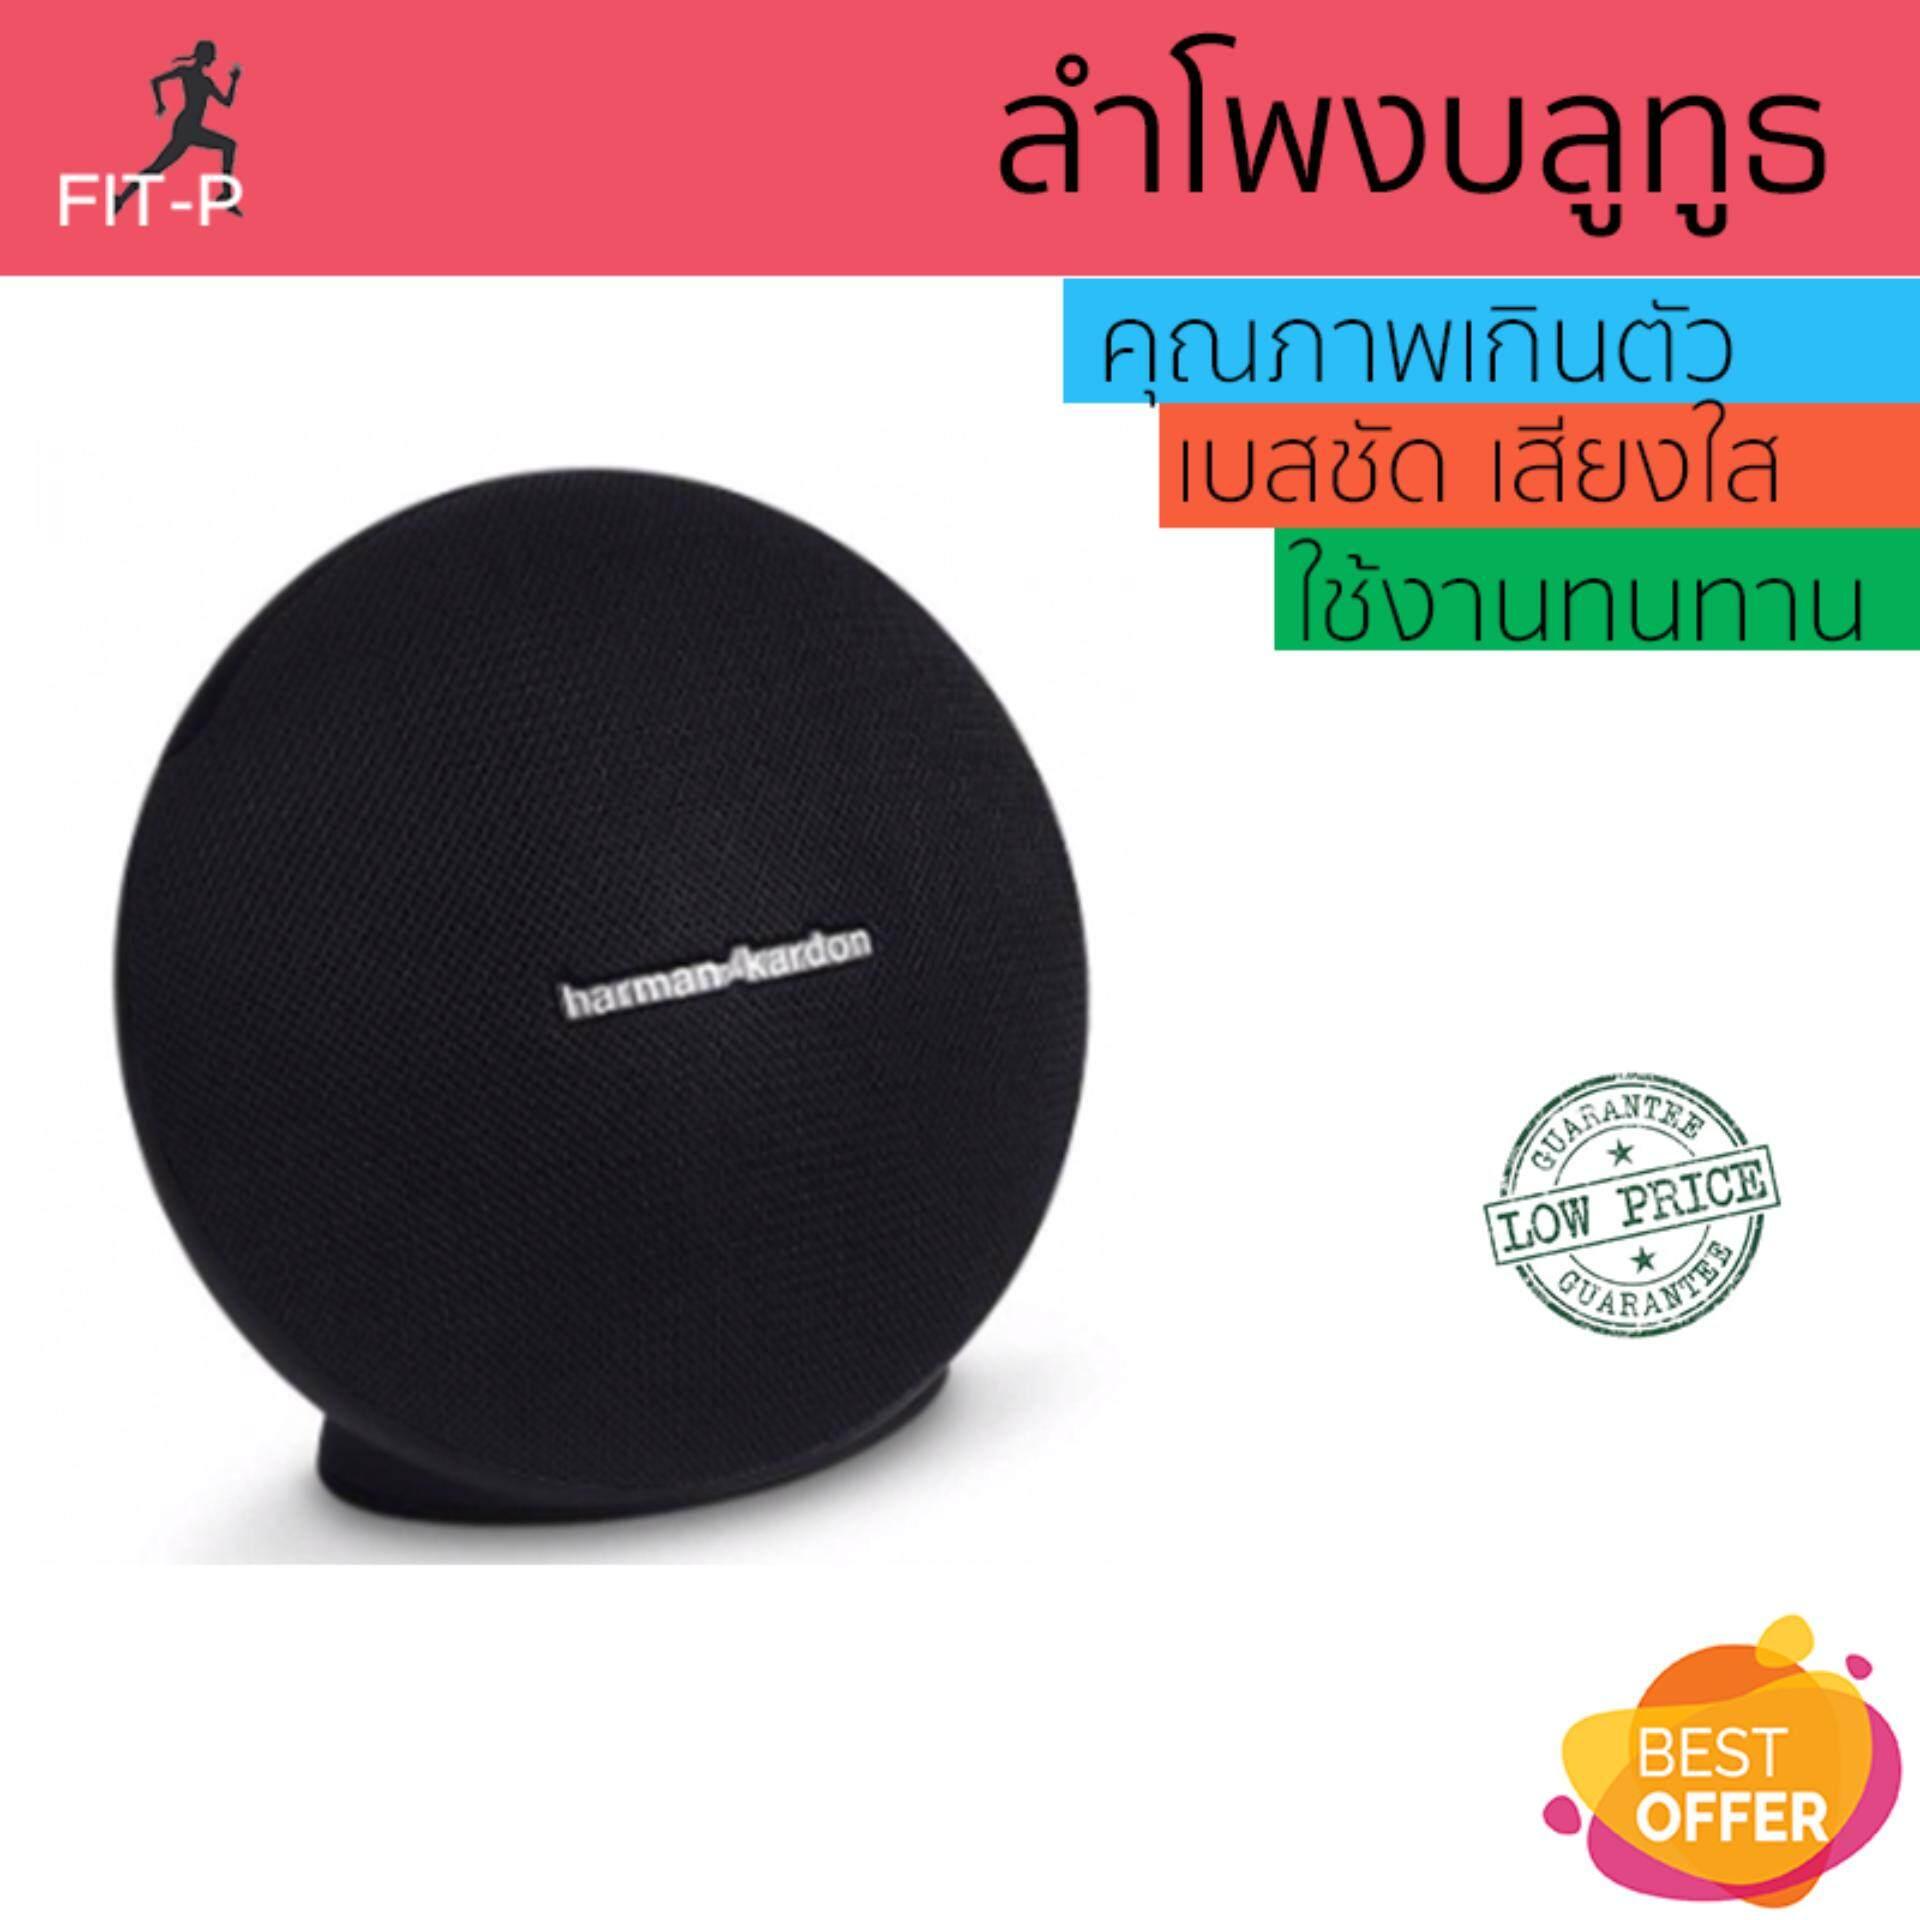 สอนใช้งาน  สมุทรสงคราม จัดส่งฟรี ลำโพงบลูทูธ  Harman Kardon Bluetooth Speaker 2.1 Onyx Mini Black เสียงใส คุณภาพเกินตัว Wireless Bluetooth Speaker รับประกัน 1 ปี